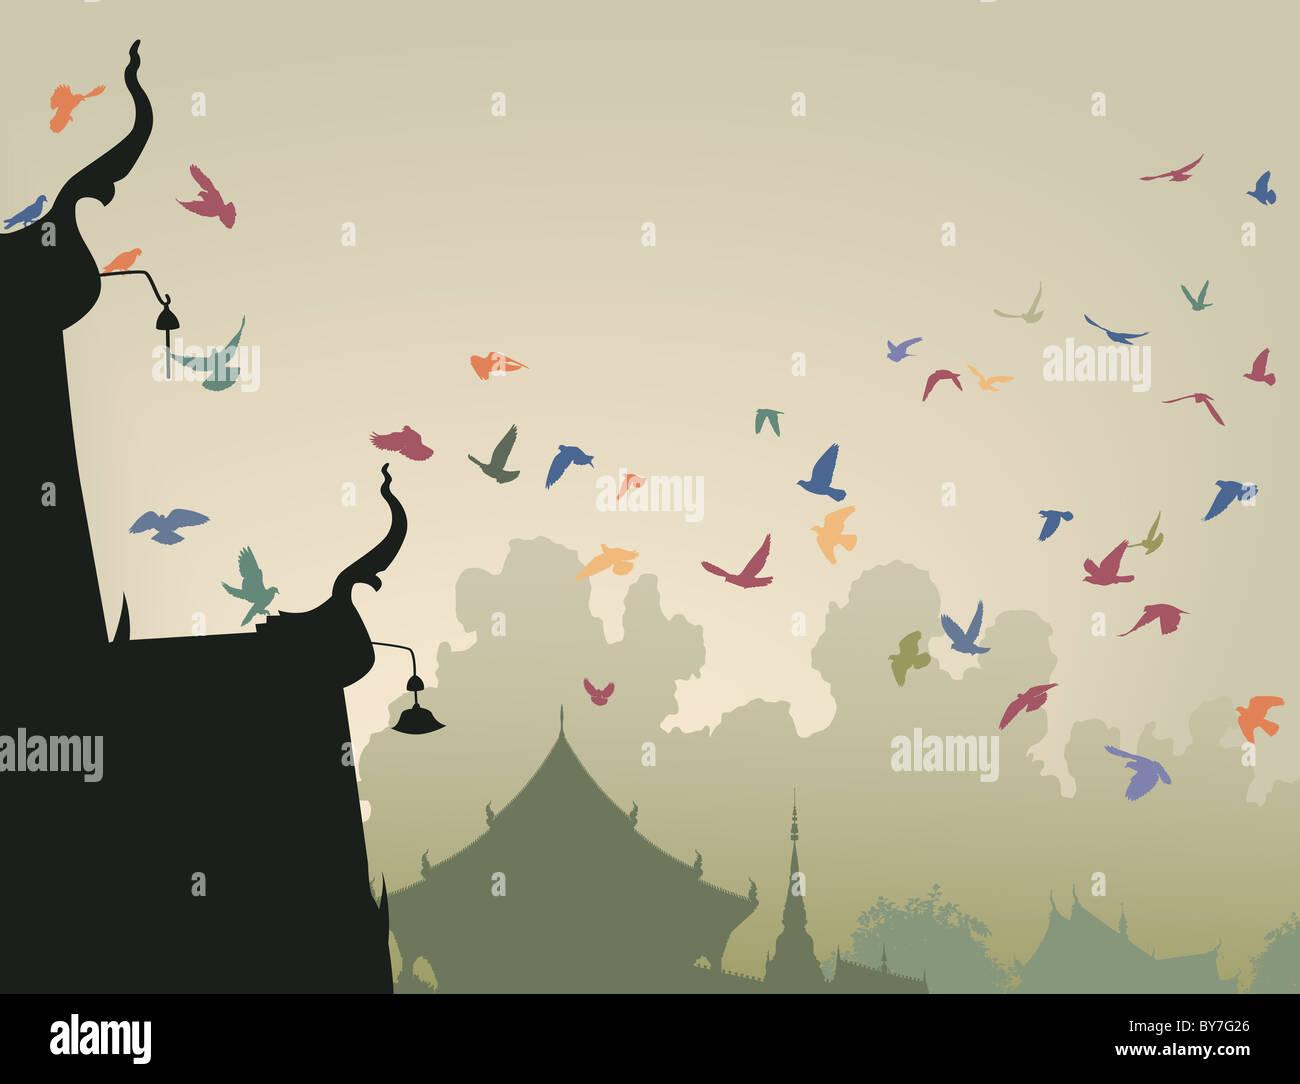 Illustration de pigeons colorés battant pavillon d'un temple bouddhiste Banque D'Images